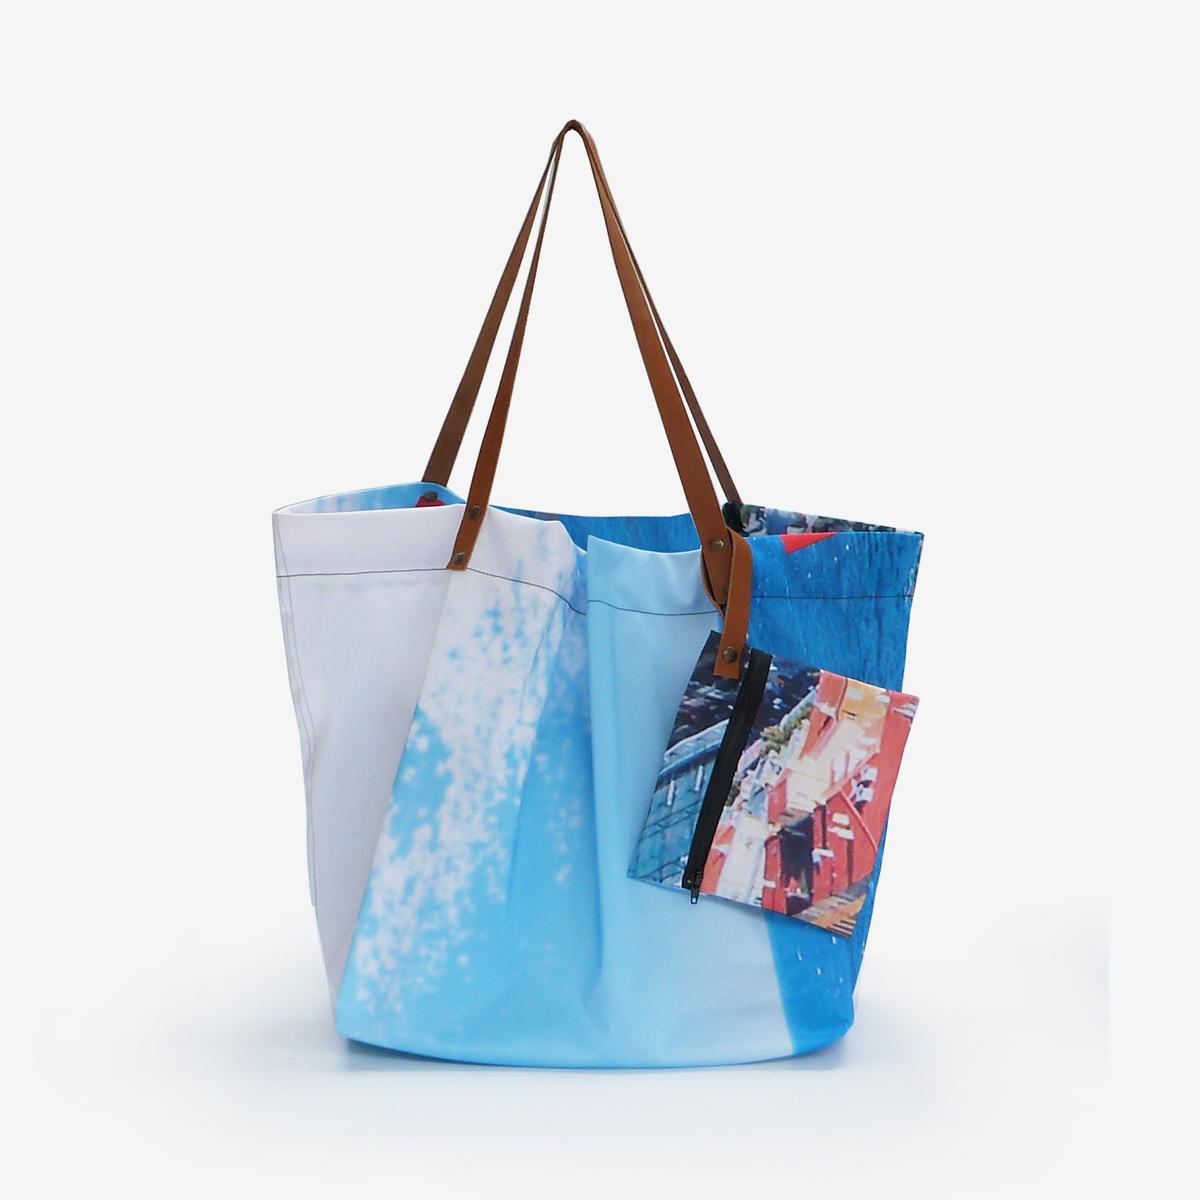 Sac cabas en toile publicitaire fabrication fran aise for Toile de plage ikea